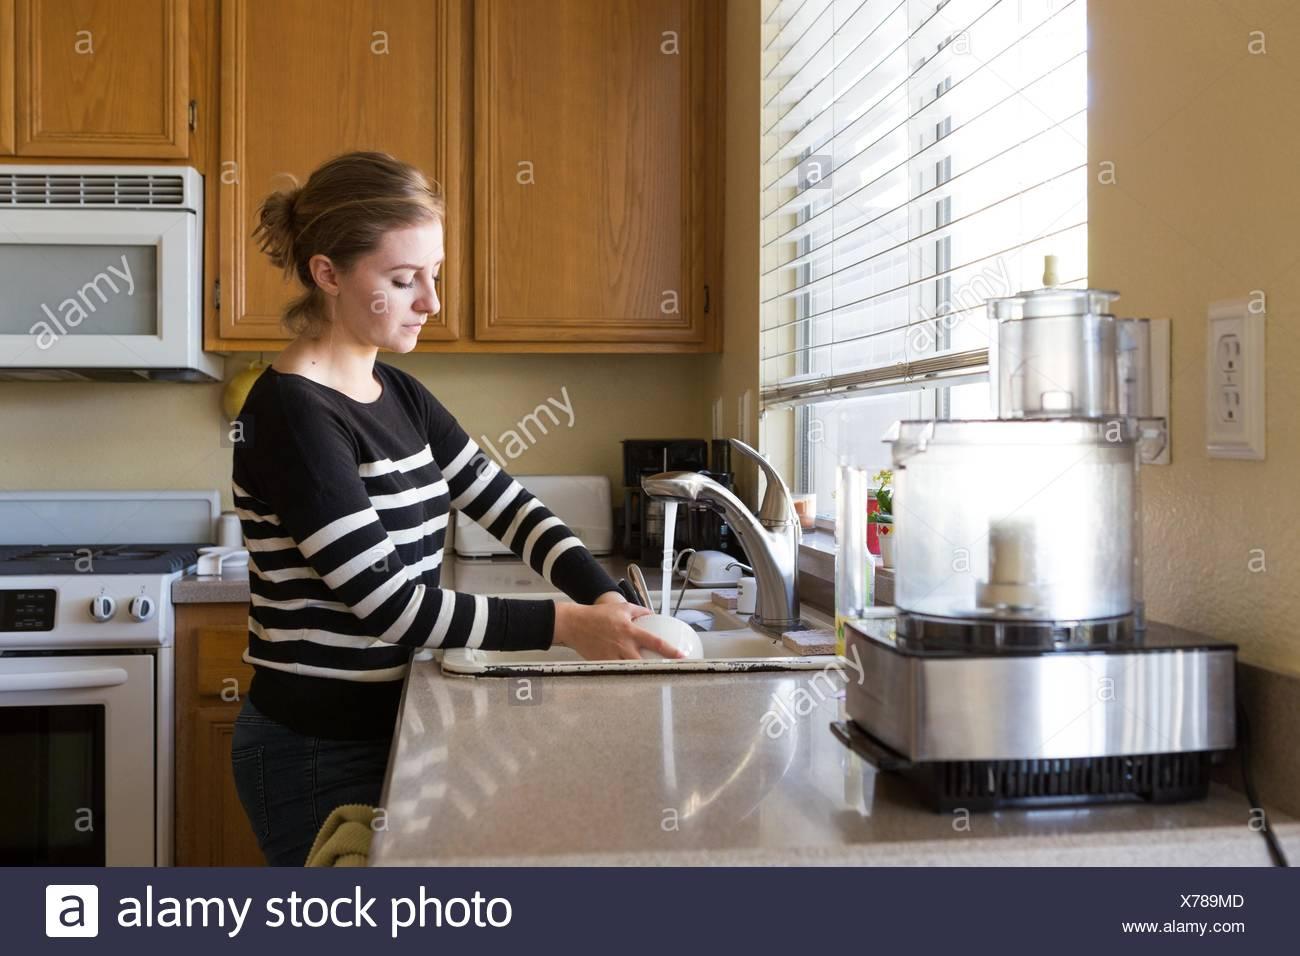 Donna lavaggio fino in cucina Immagini Stock